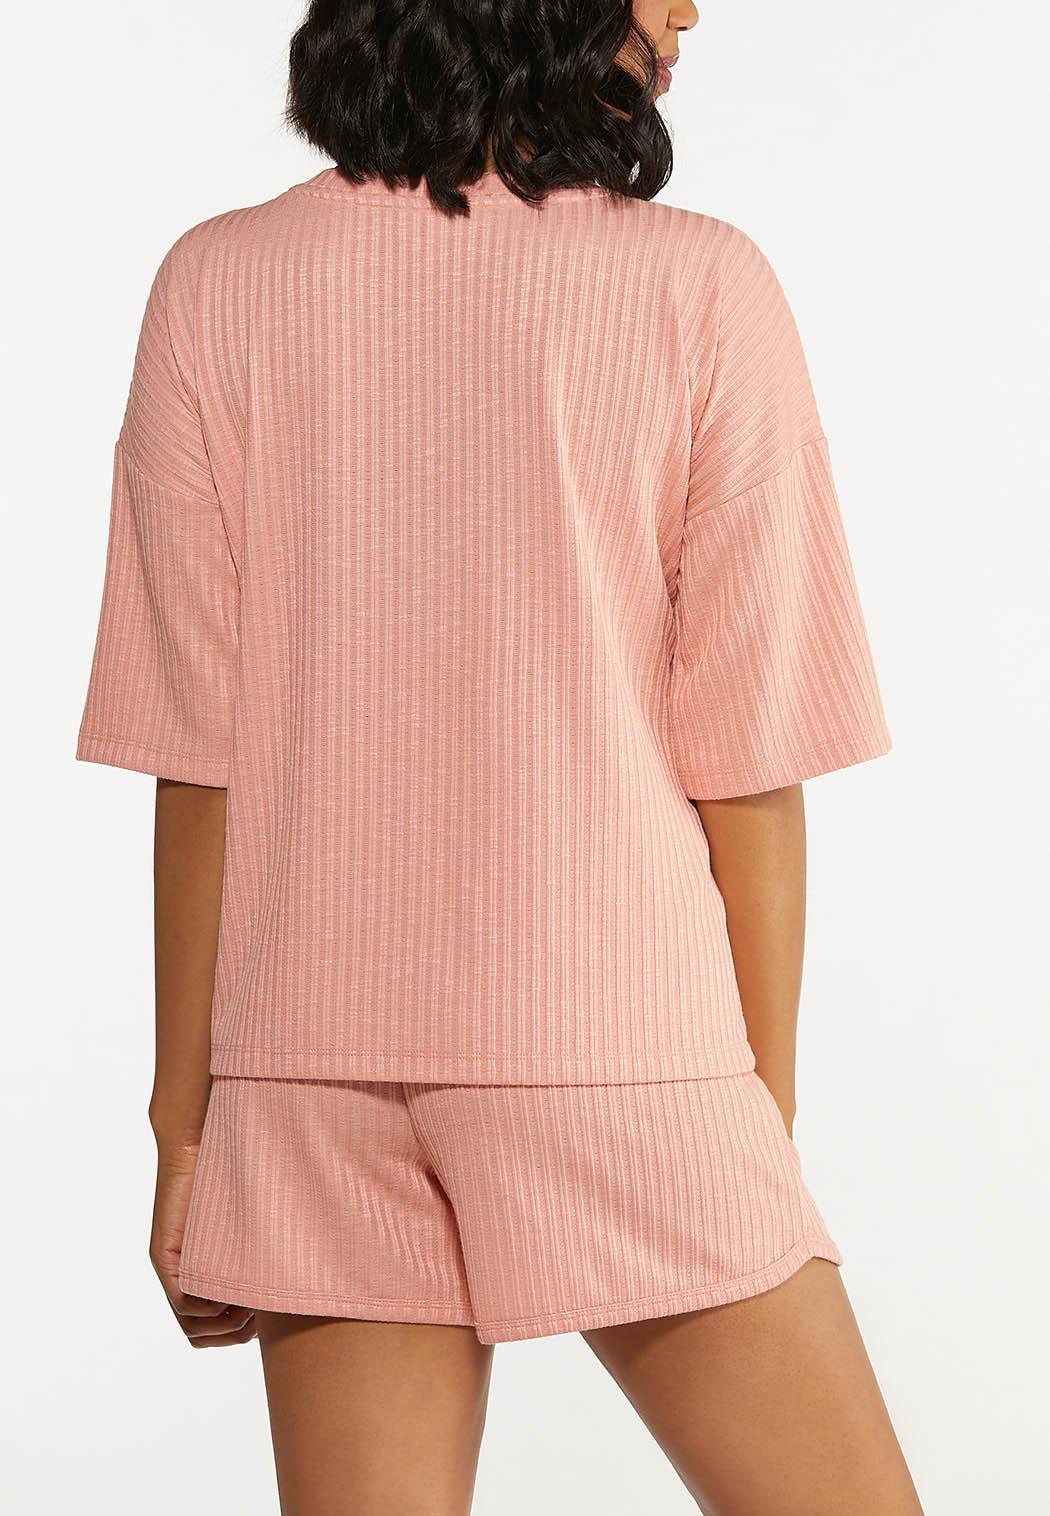 Plus Size Blushing Ribbed Top (Item #44615505)